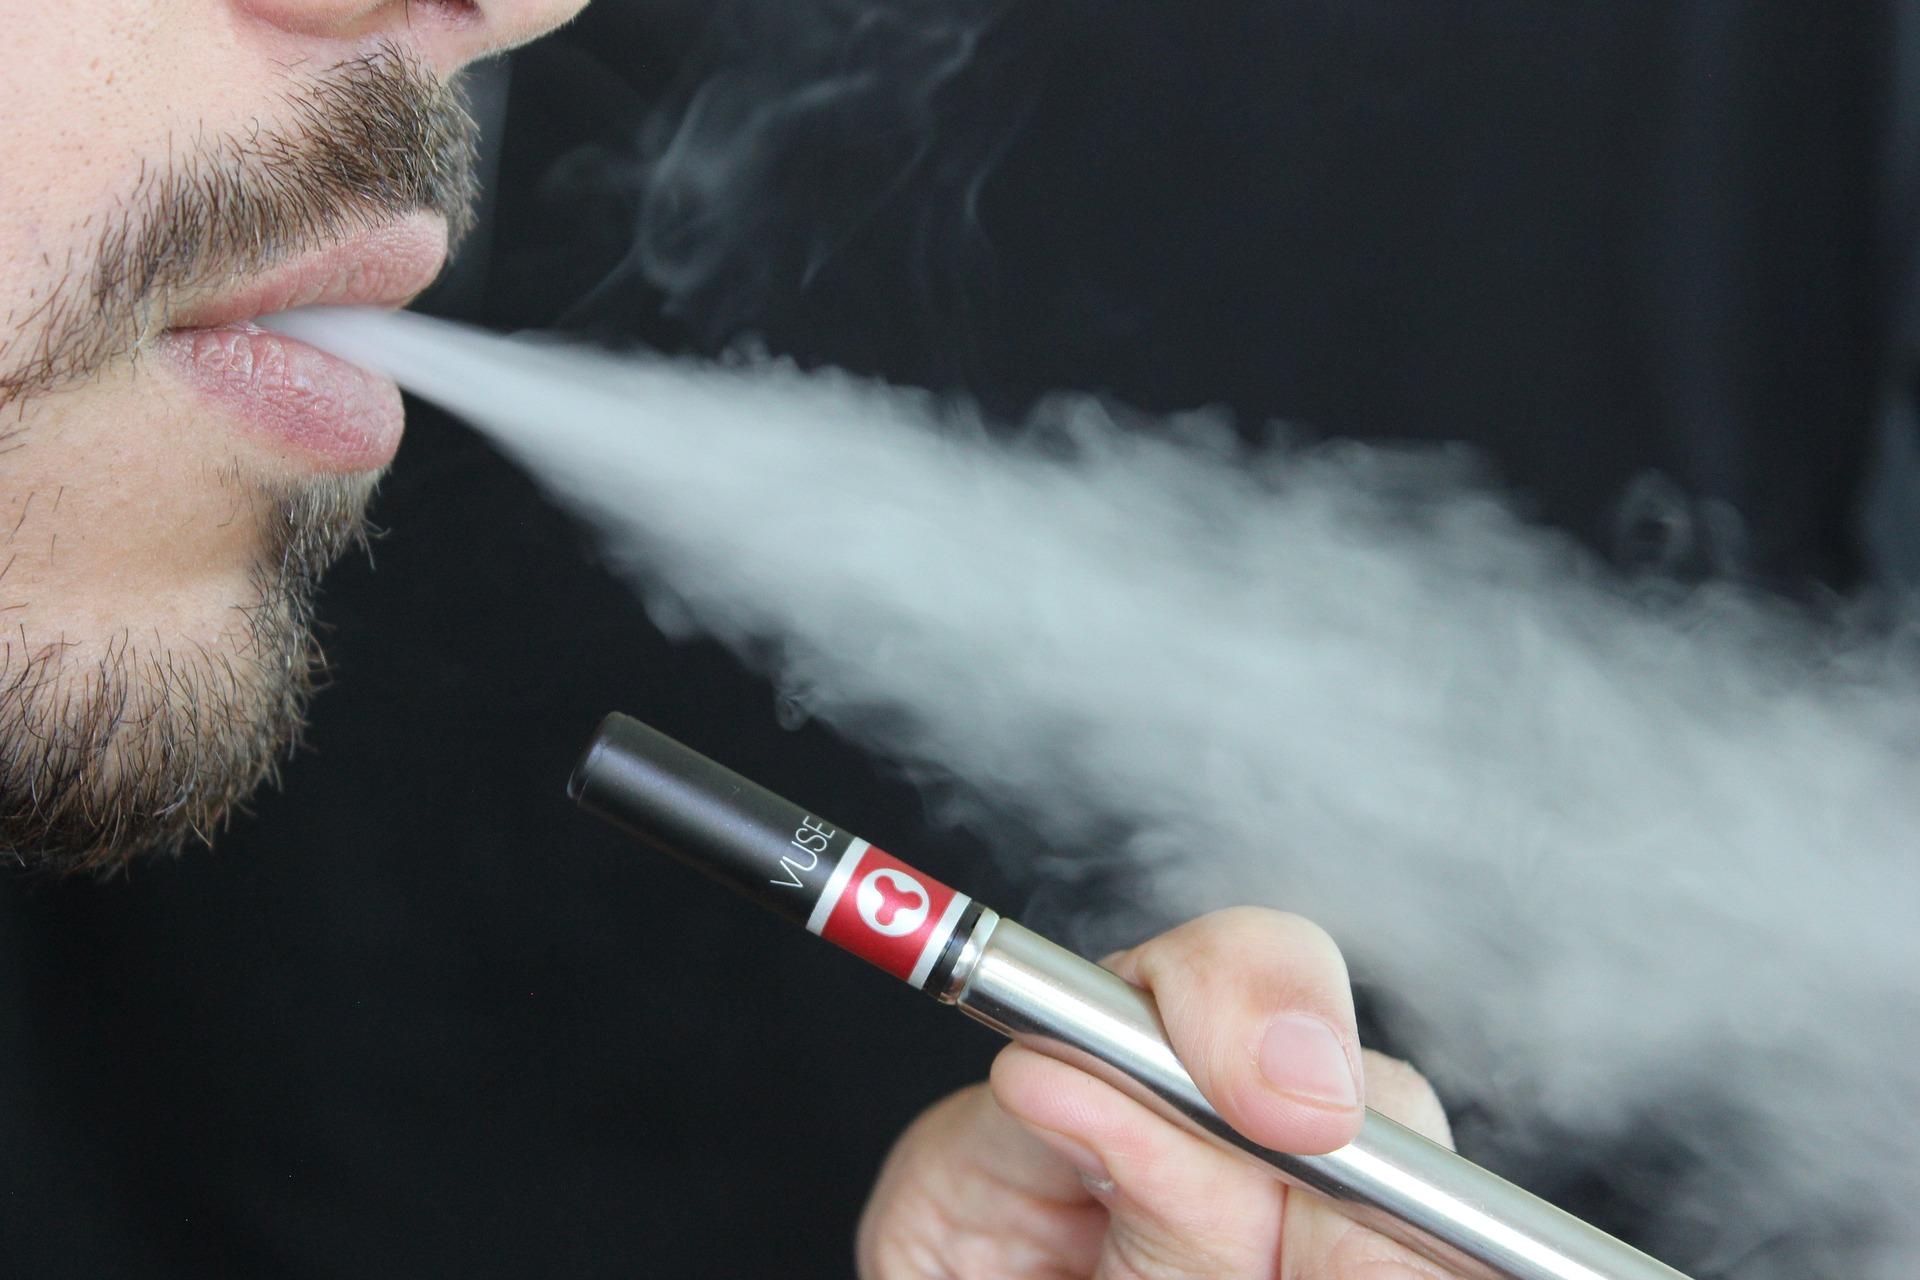 Especialistas discuten sobre EPOC, tabaquismo y cesación tabáquica